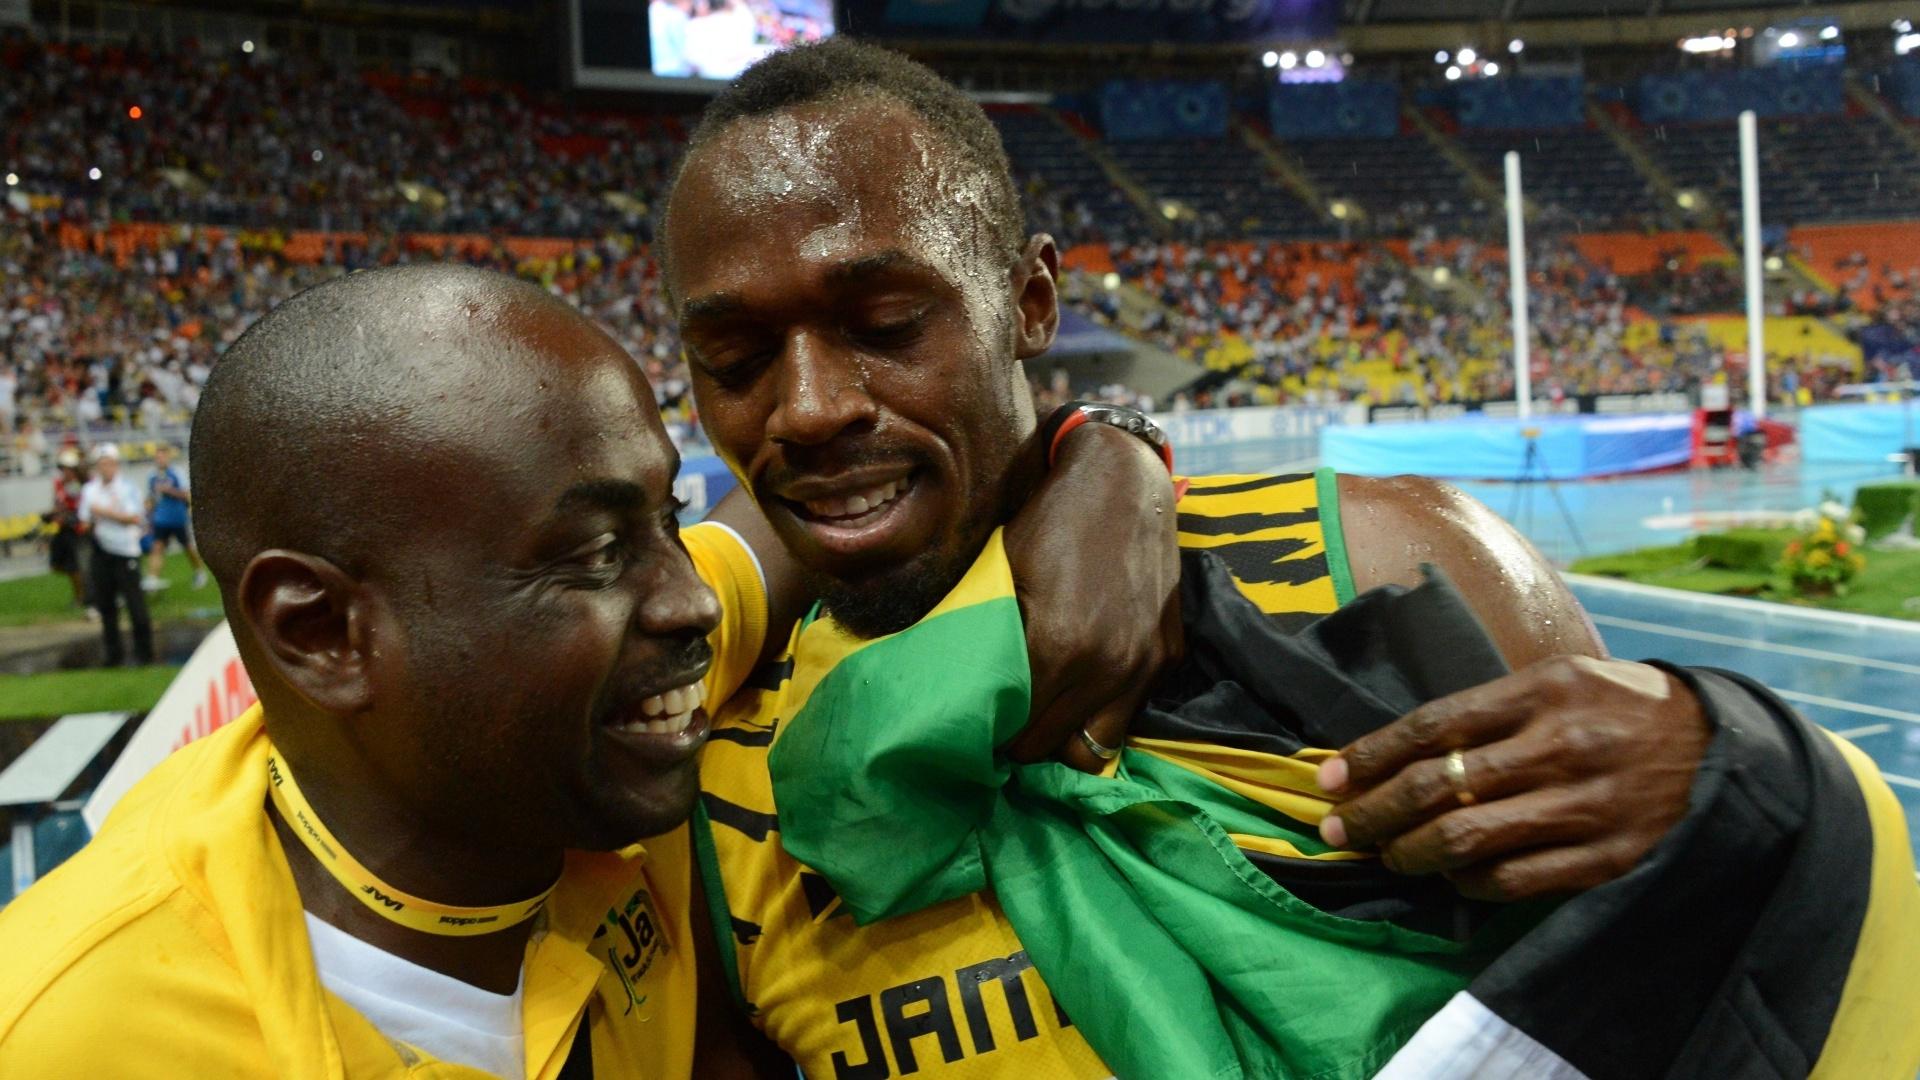 11.ago.2013 - Emocionado, o jamaicano Usain Bolt é abraçado após vencer os 100m do Mundial de Moscou